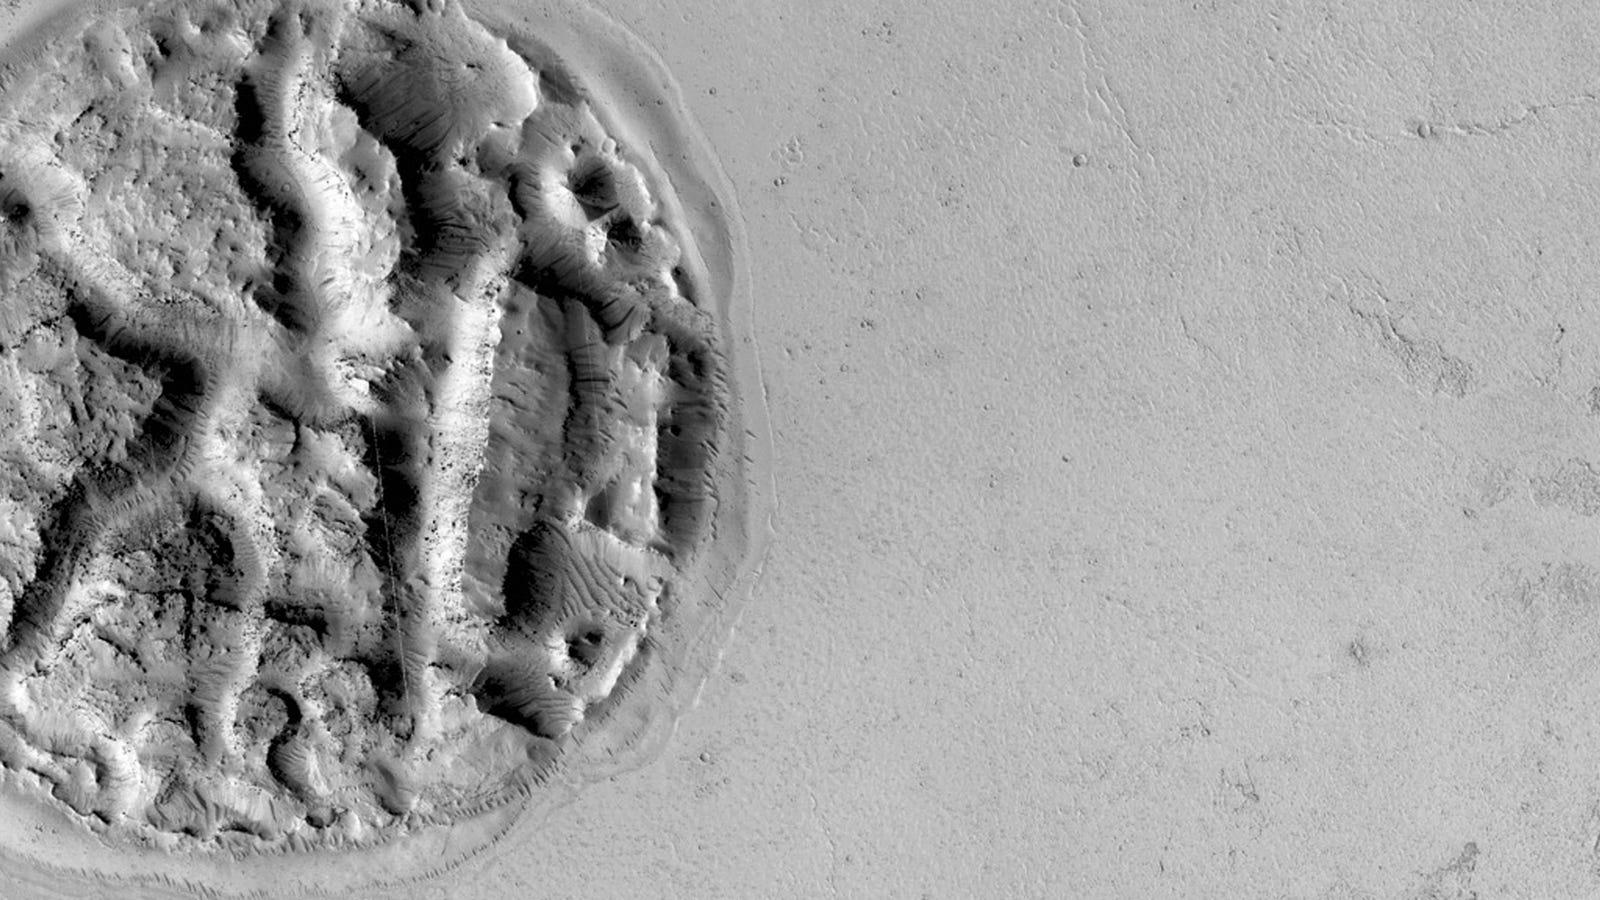 ¿Qué es esta extraña forma circular de 2 km fotografiada en Marte?